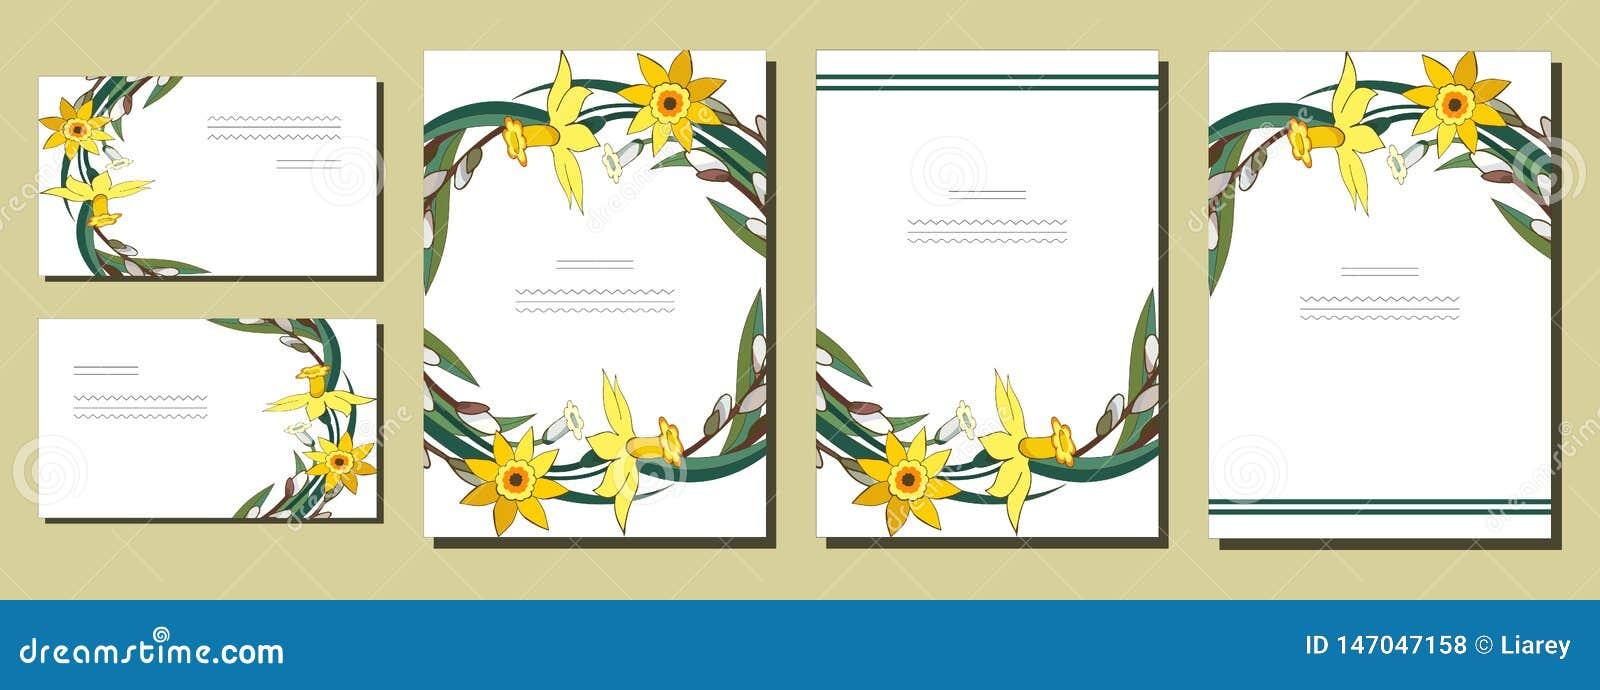 Ställ in av blom- vårmallar med grupper av gula påskliljor och pilen Kort med pingstliljan och salixen F?r romantiker